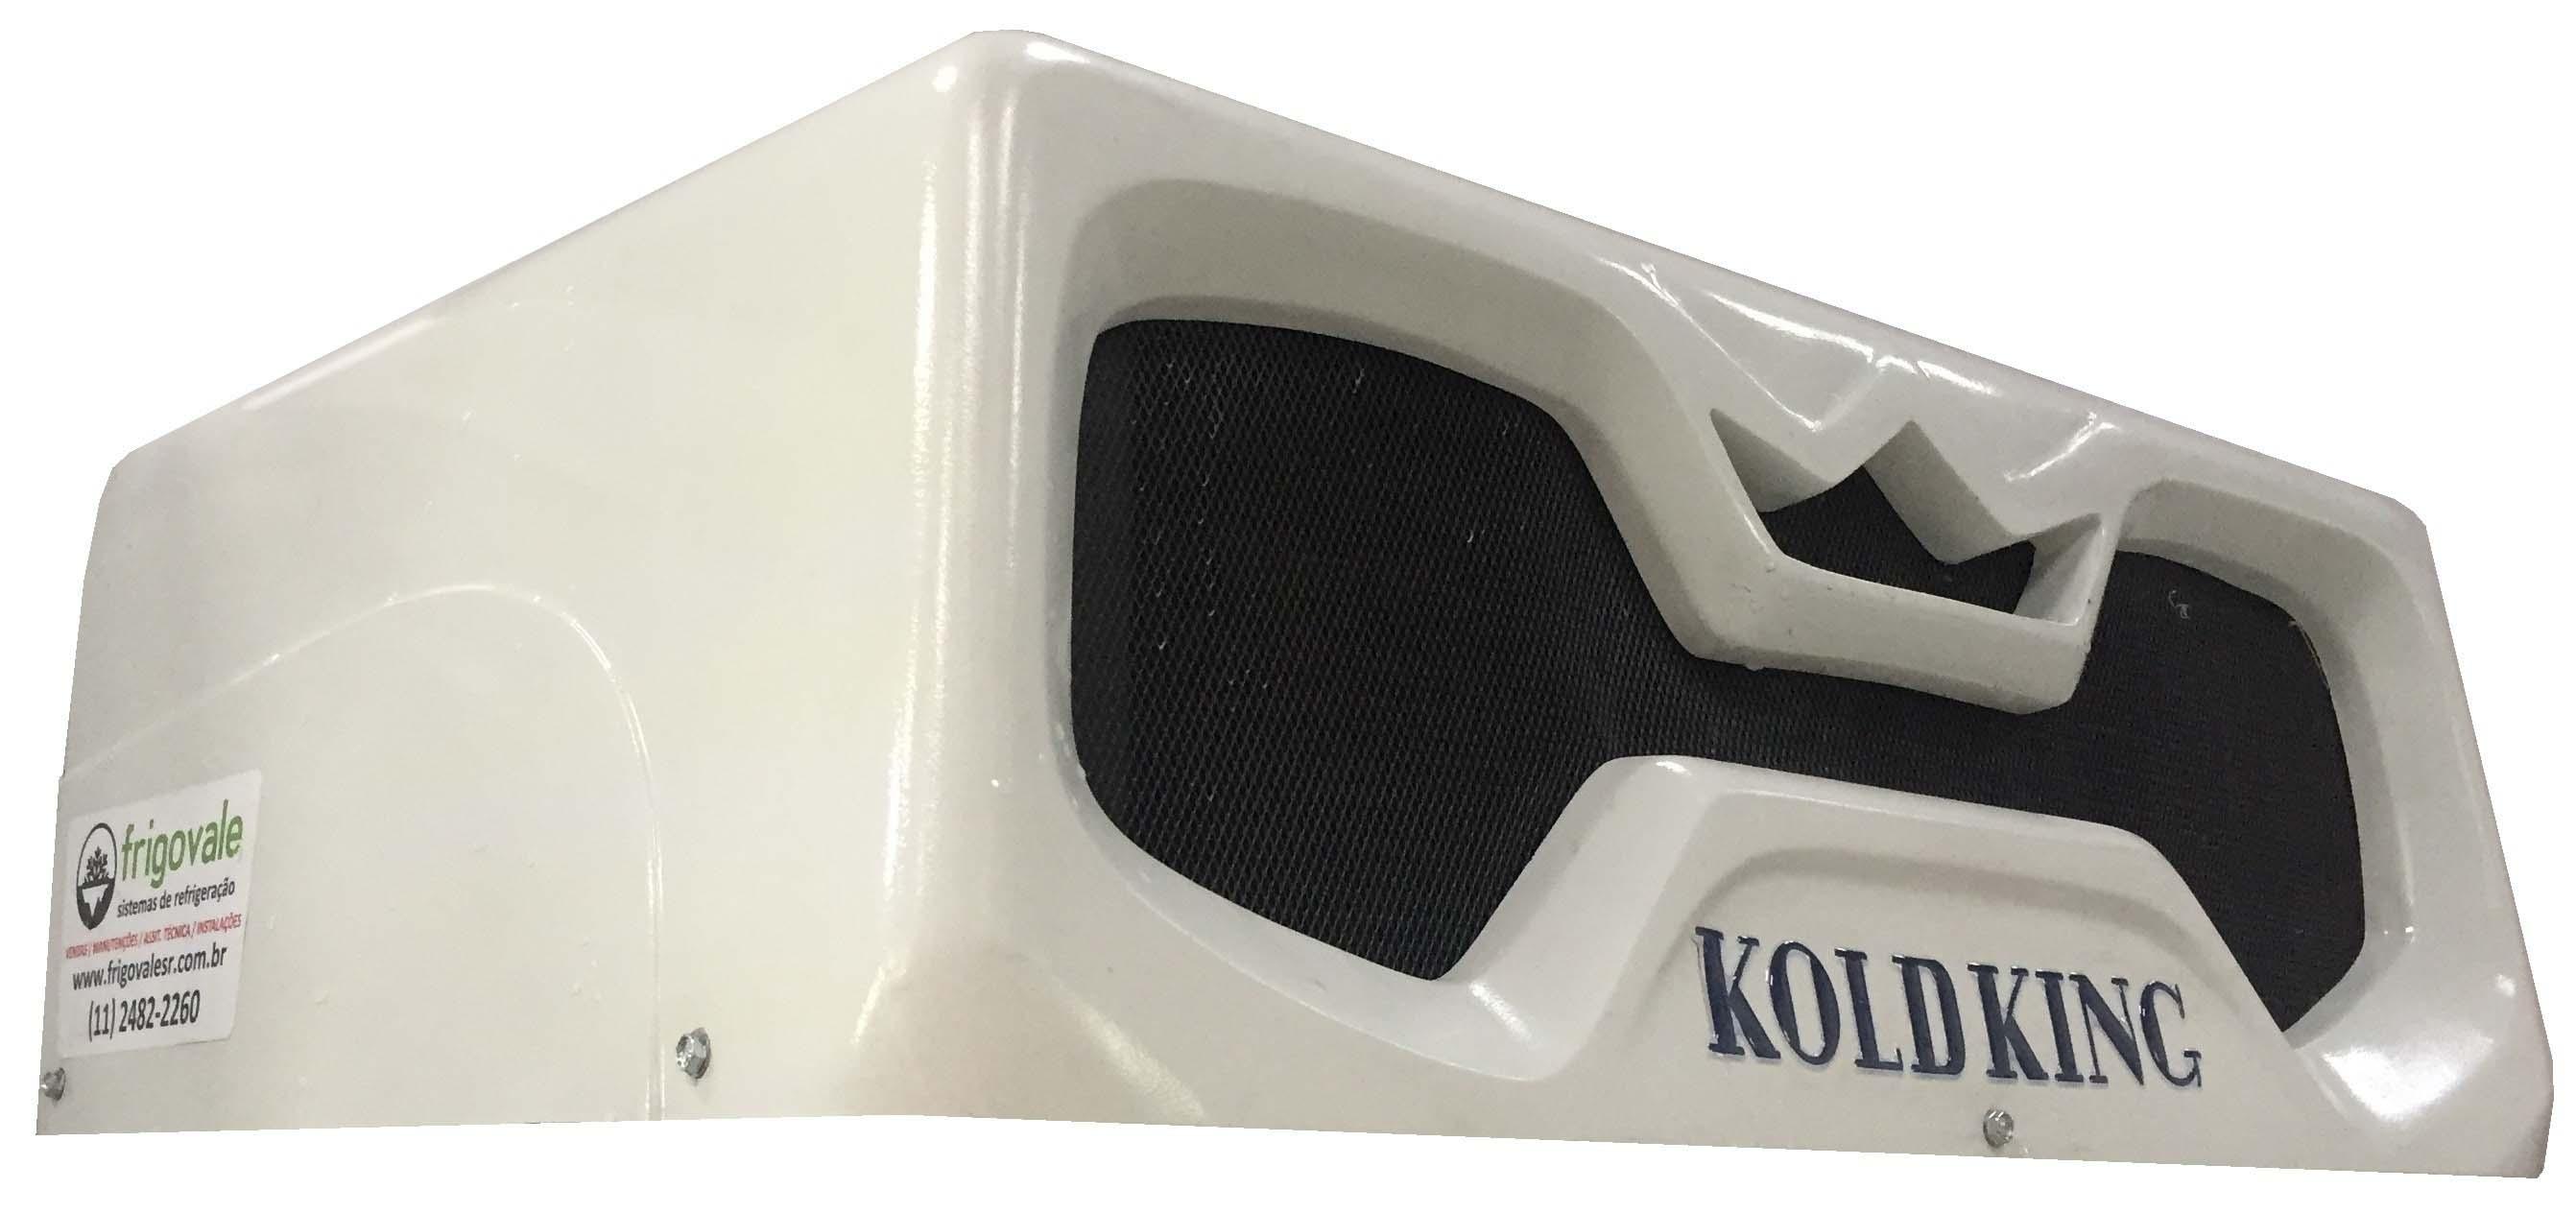 Aparelho de refrigeração para kombi